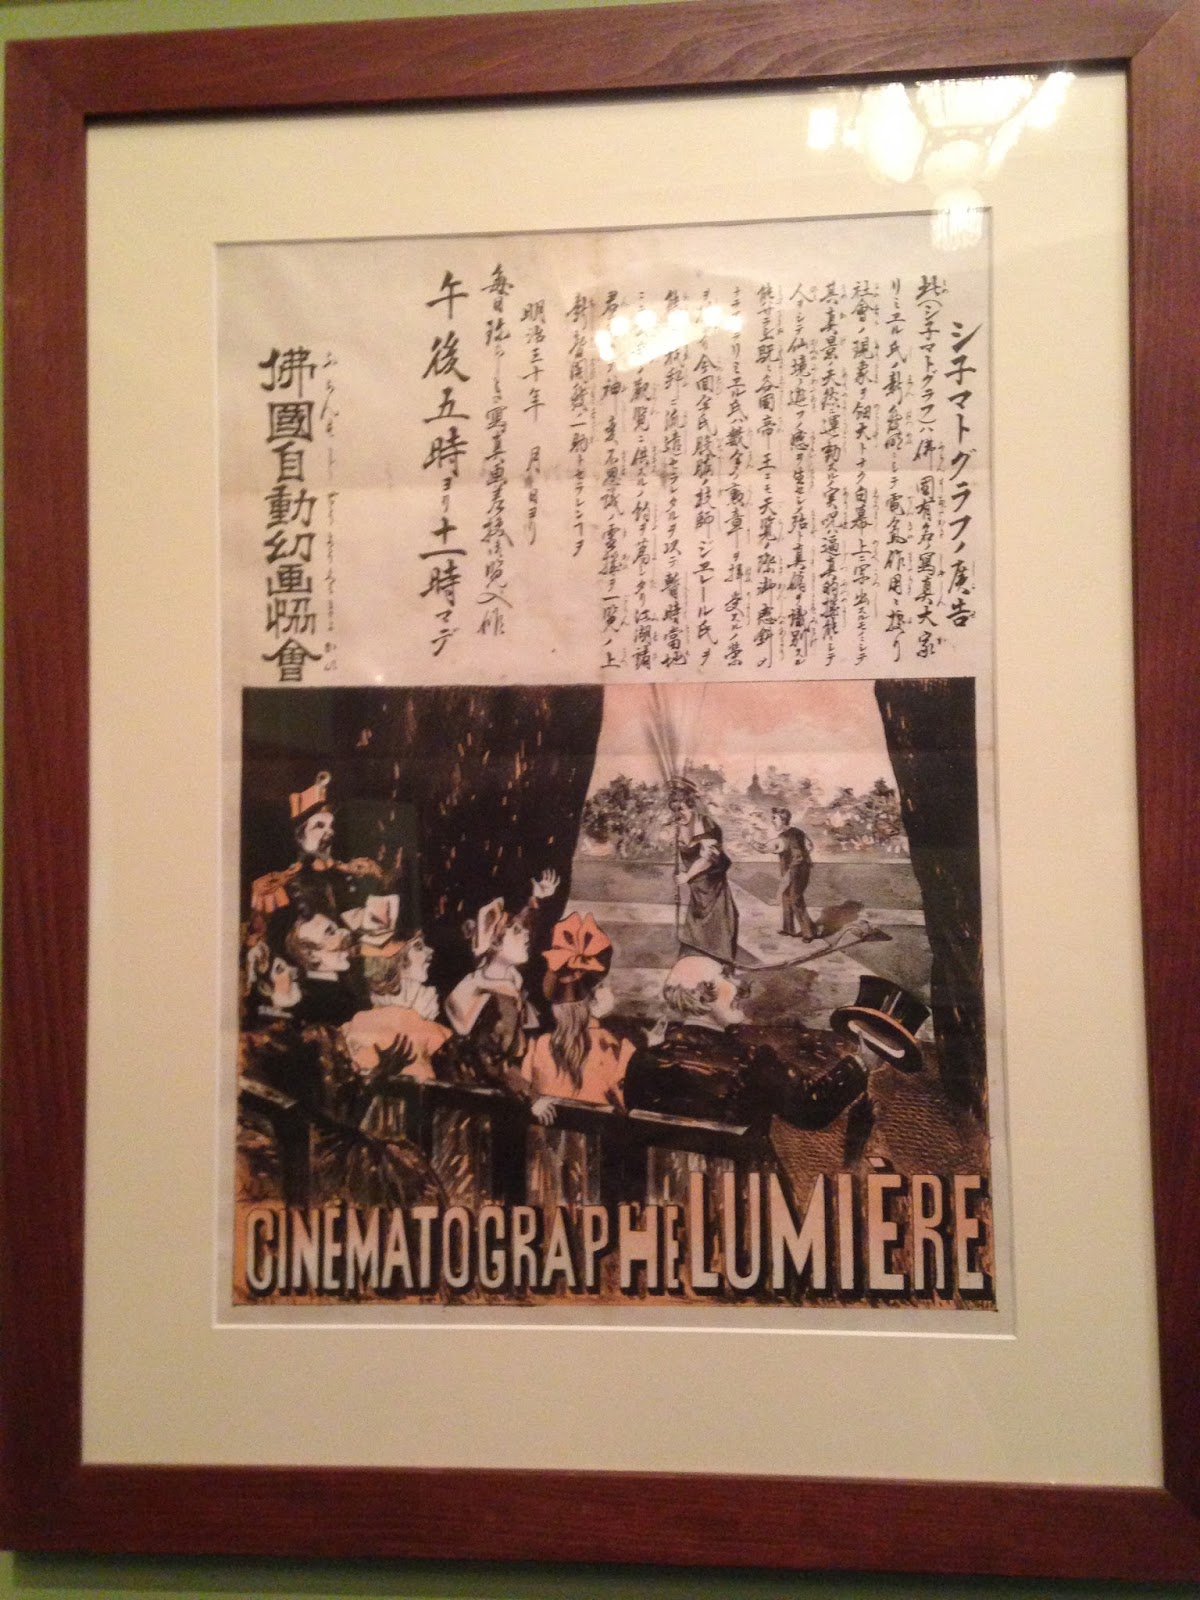 Affiche japonaise du cinematographe Lumière